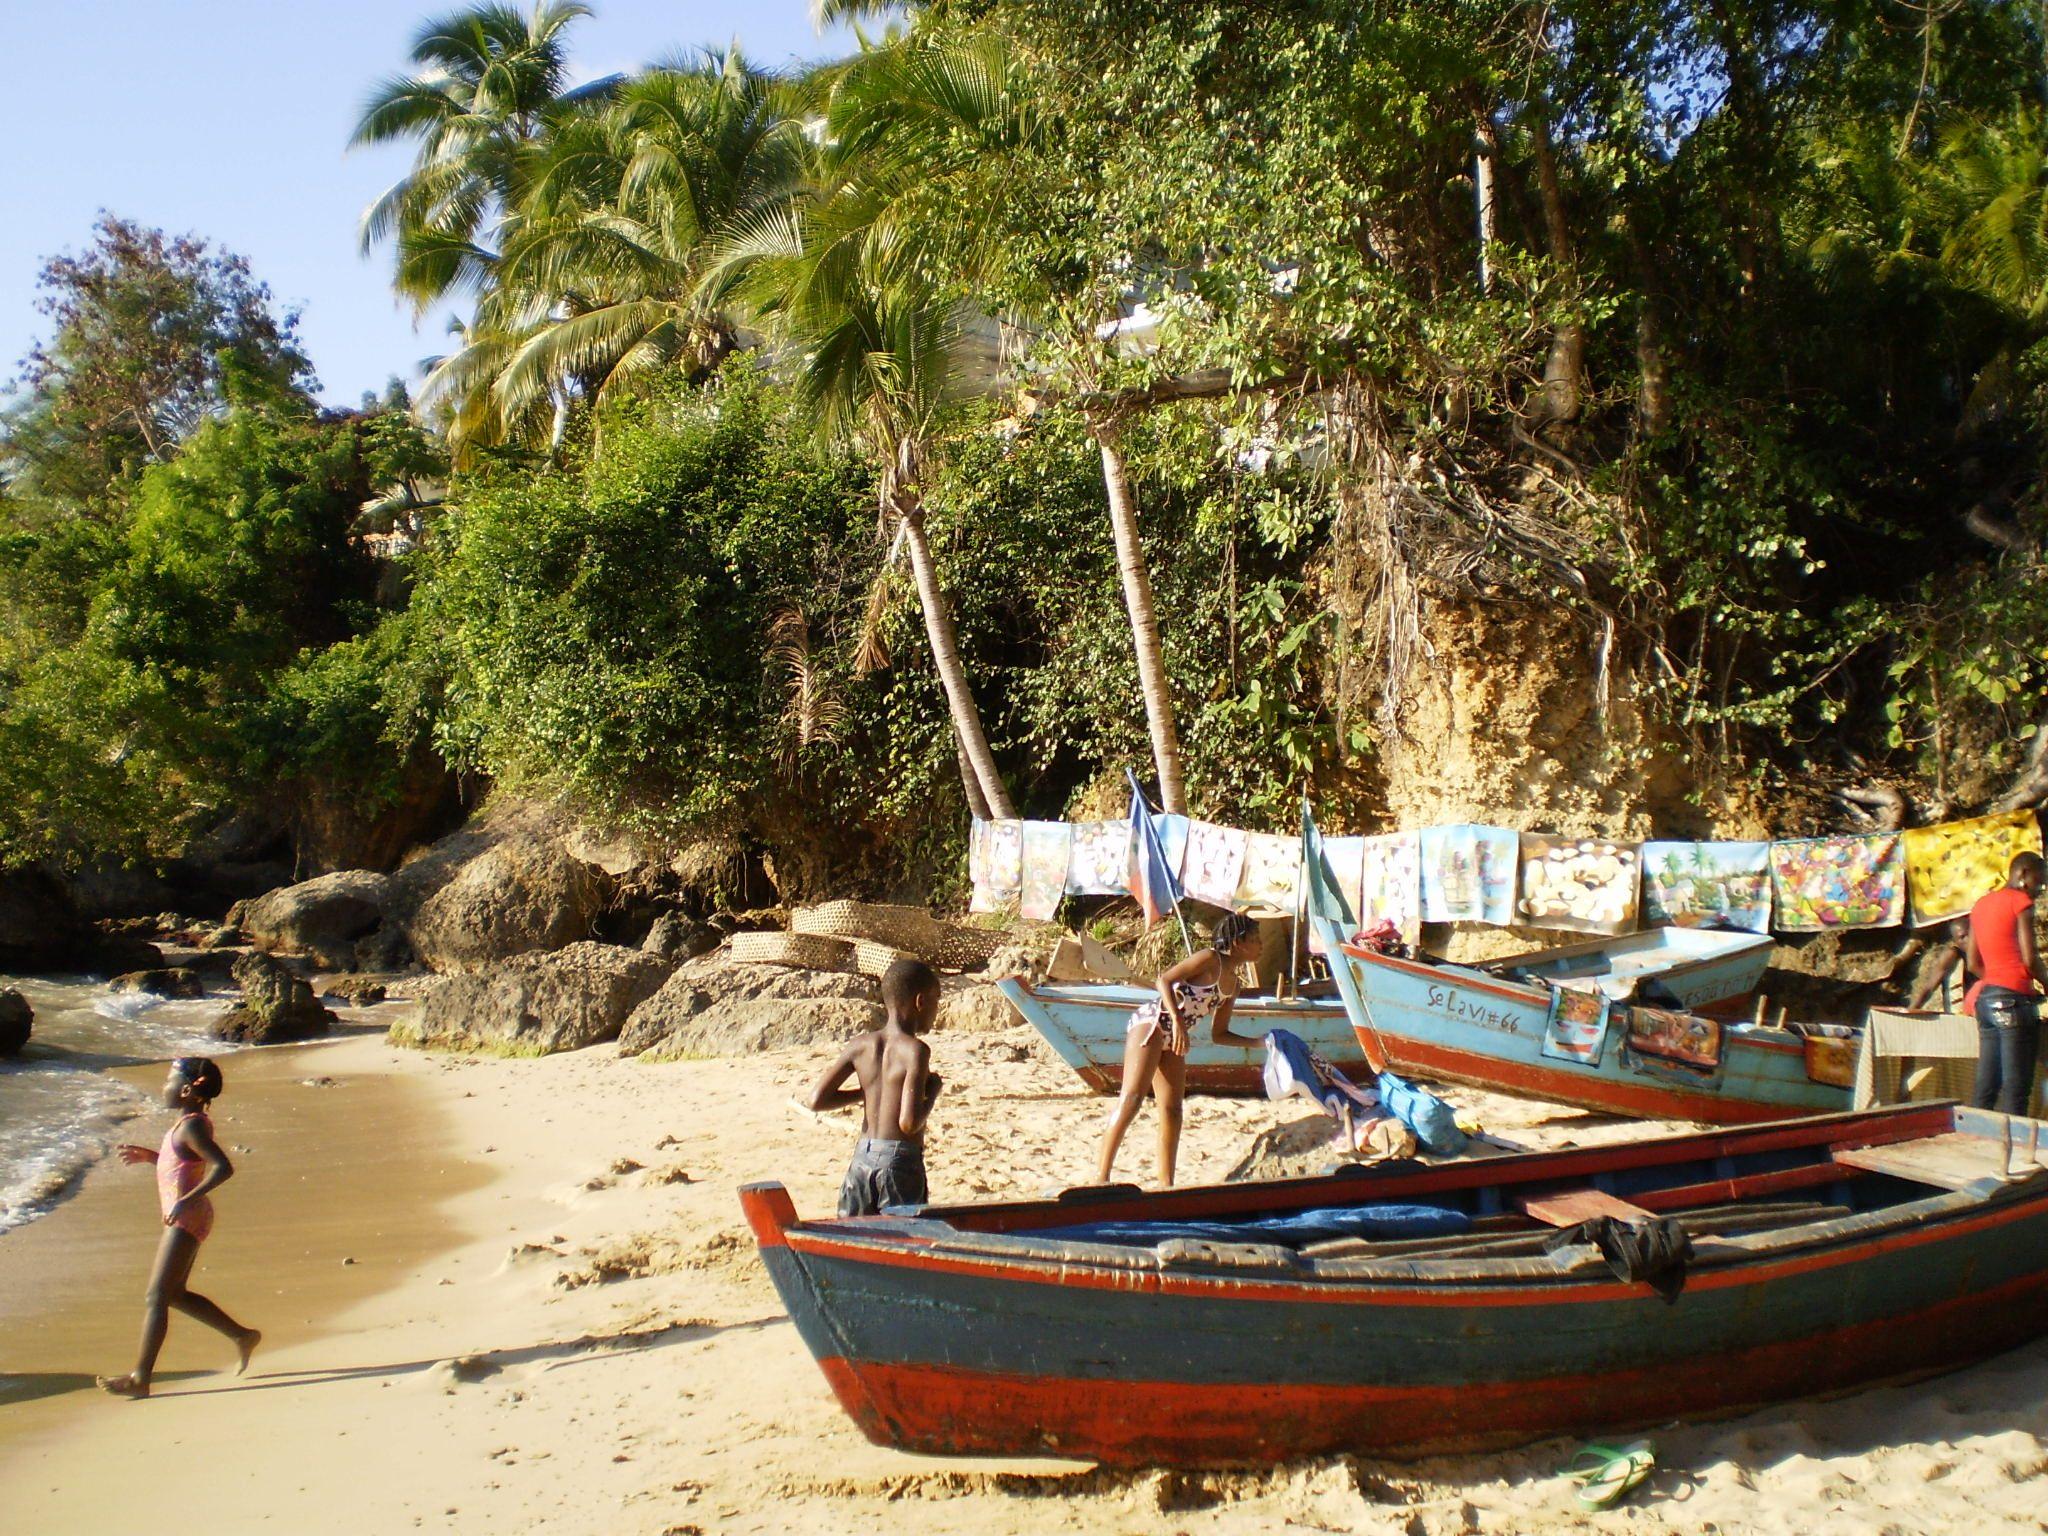 One Haitian entrepreneur takes advantage of tourism on